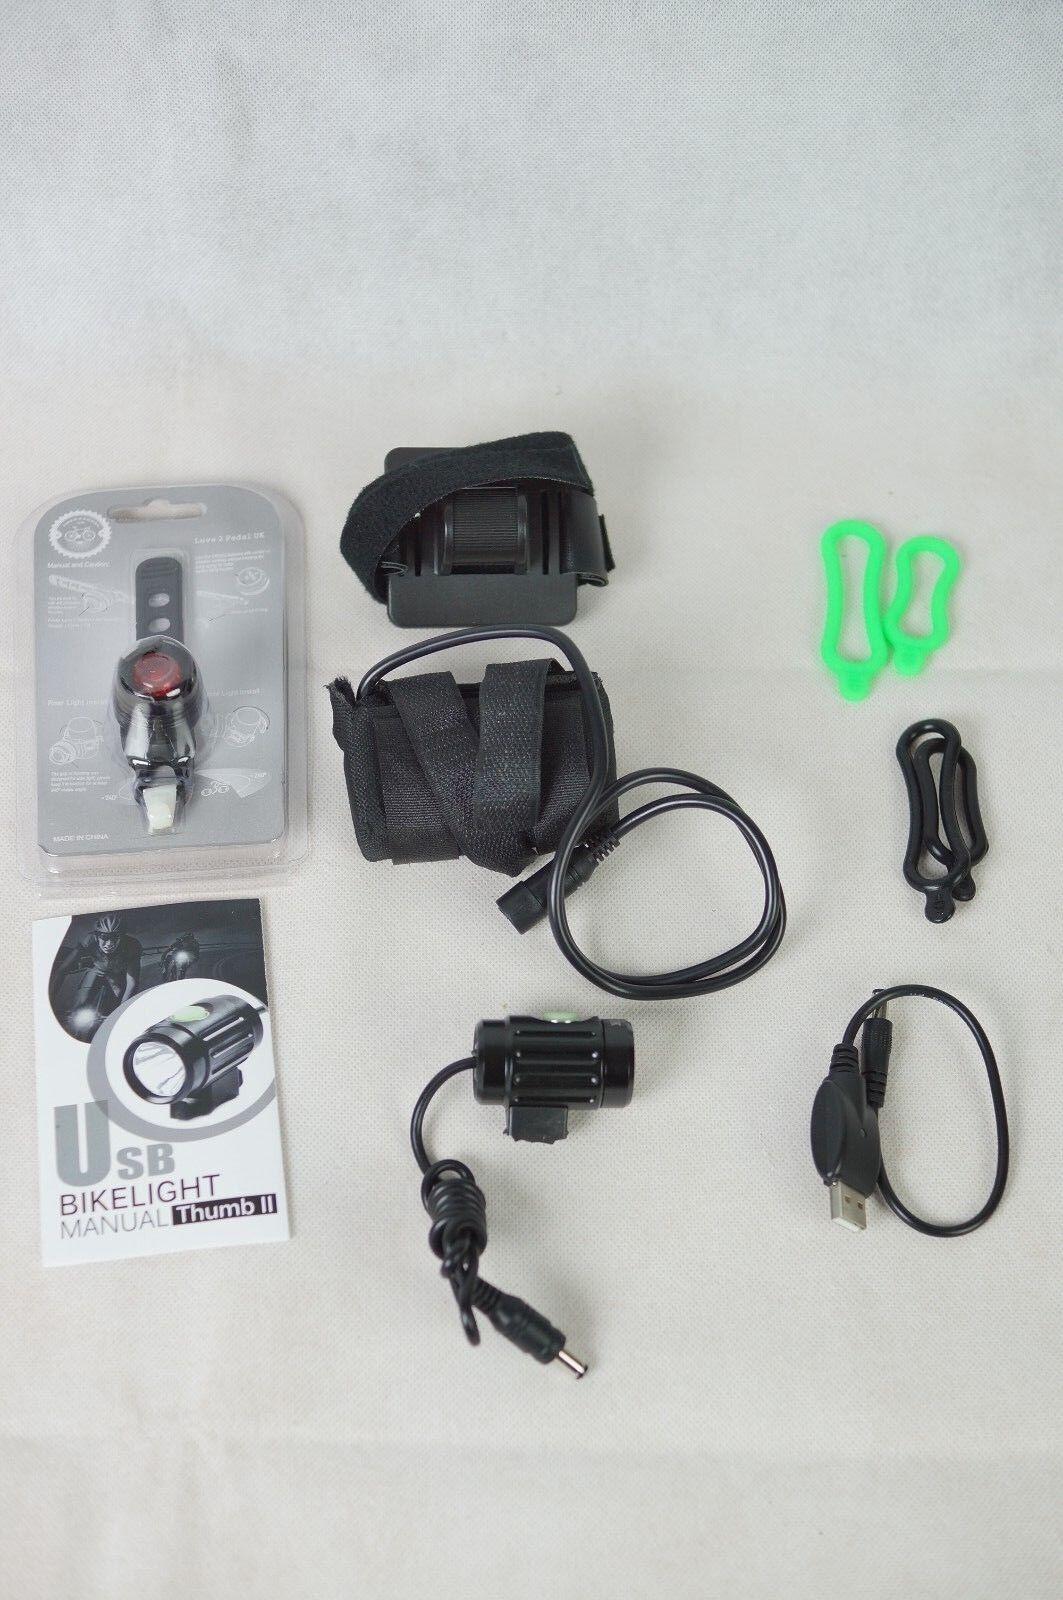 CREE XM-L2 Fahrrad Beleuchtung Set / / / EK163.0536 cc411f